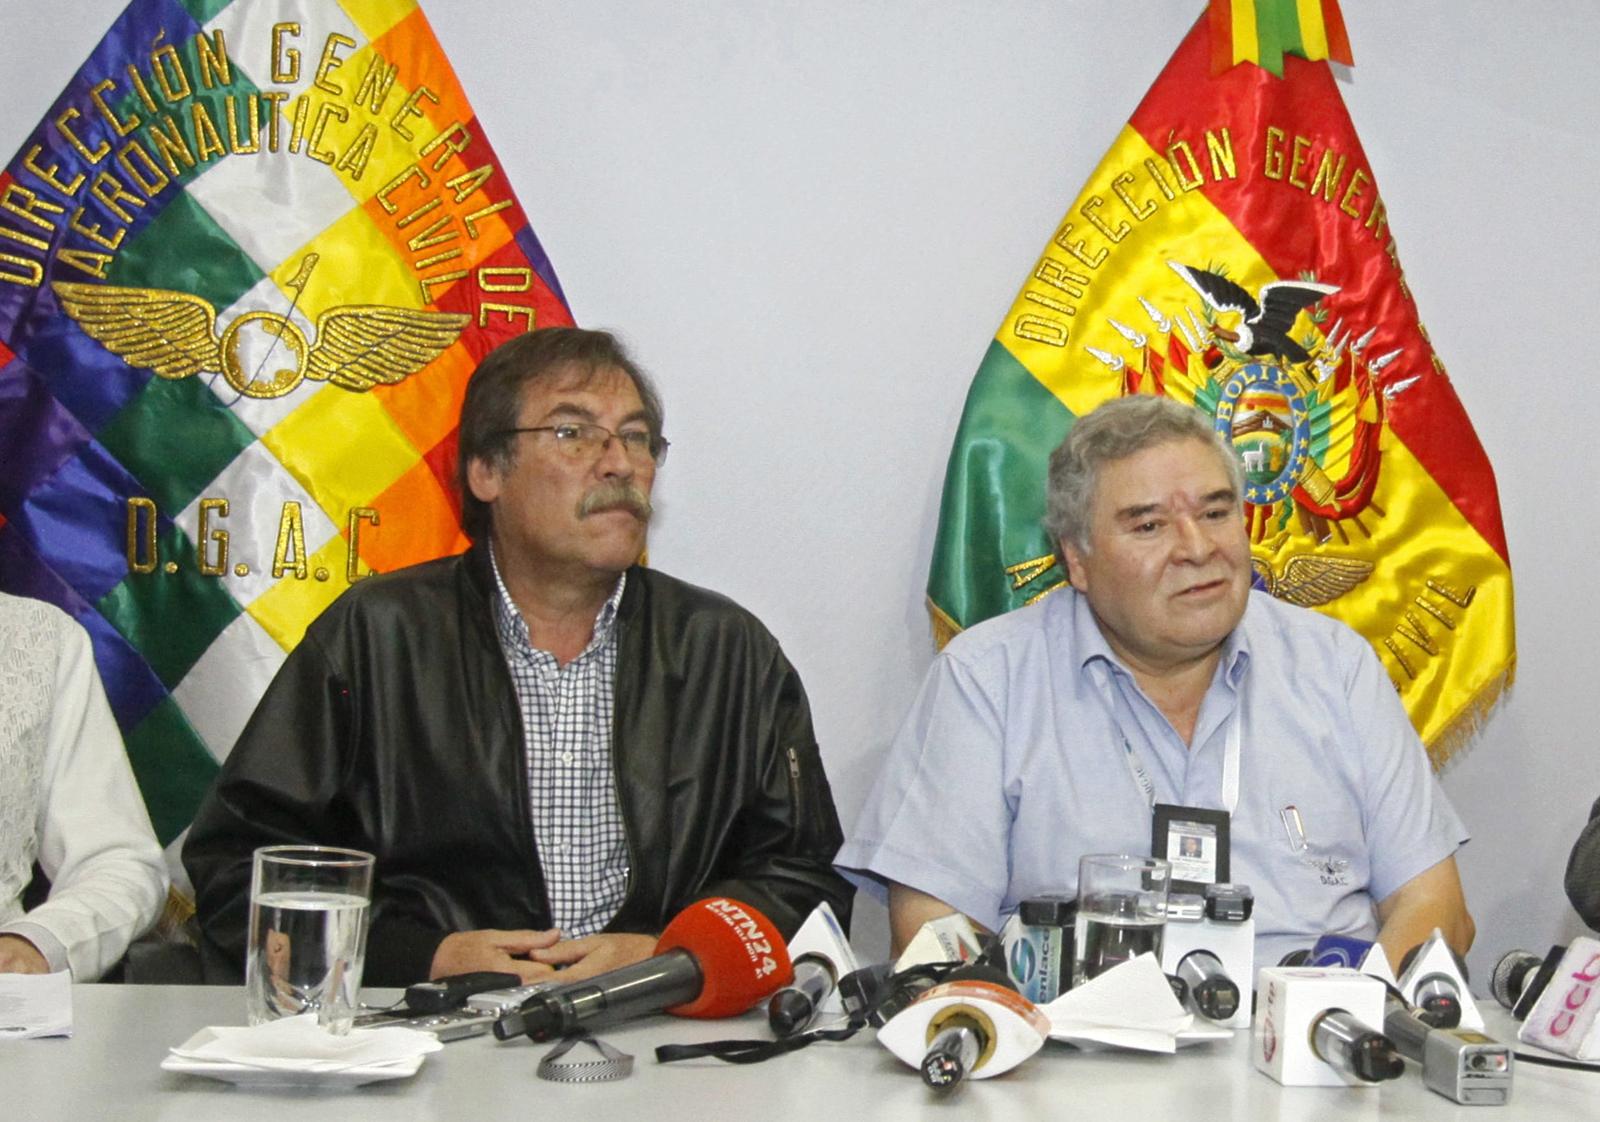 Boliwijscy specjaliści lotnictwa komentują kolumbijską katastrofę.